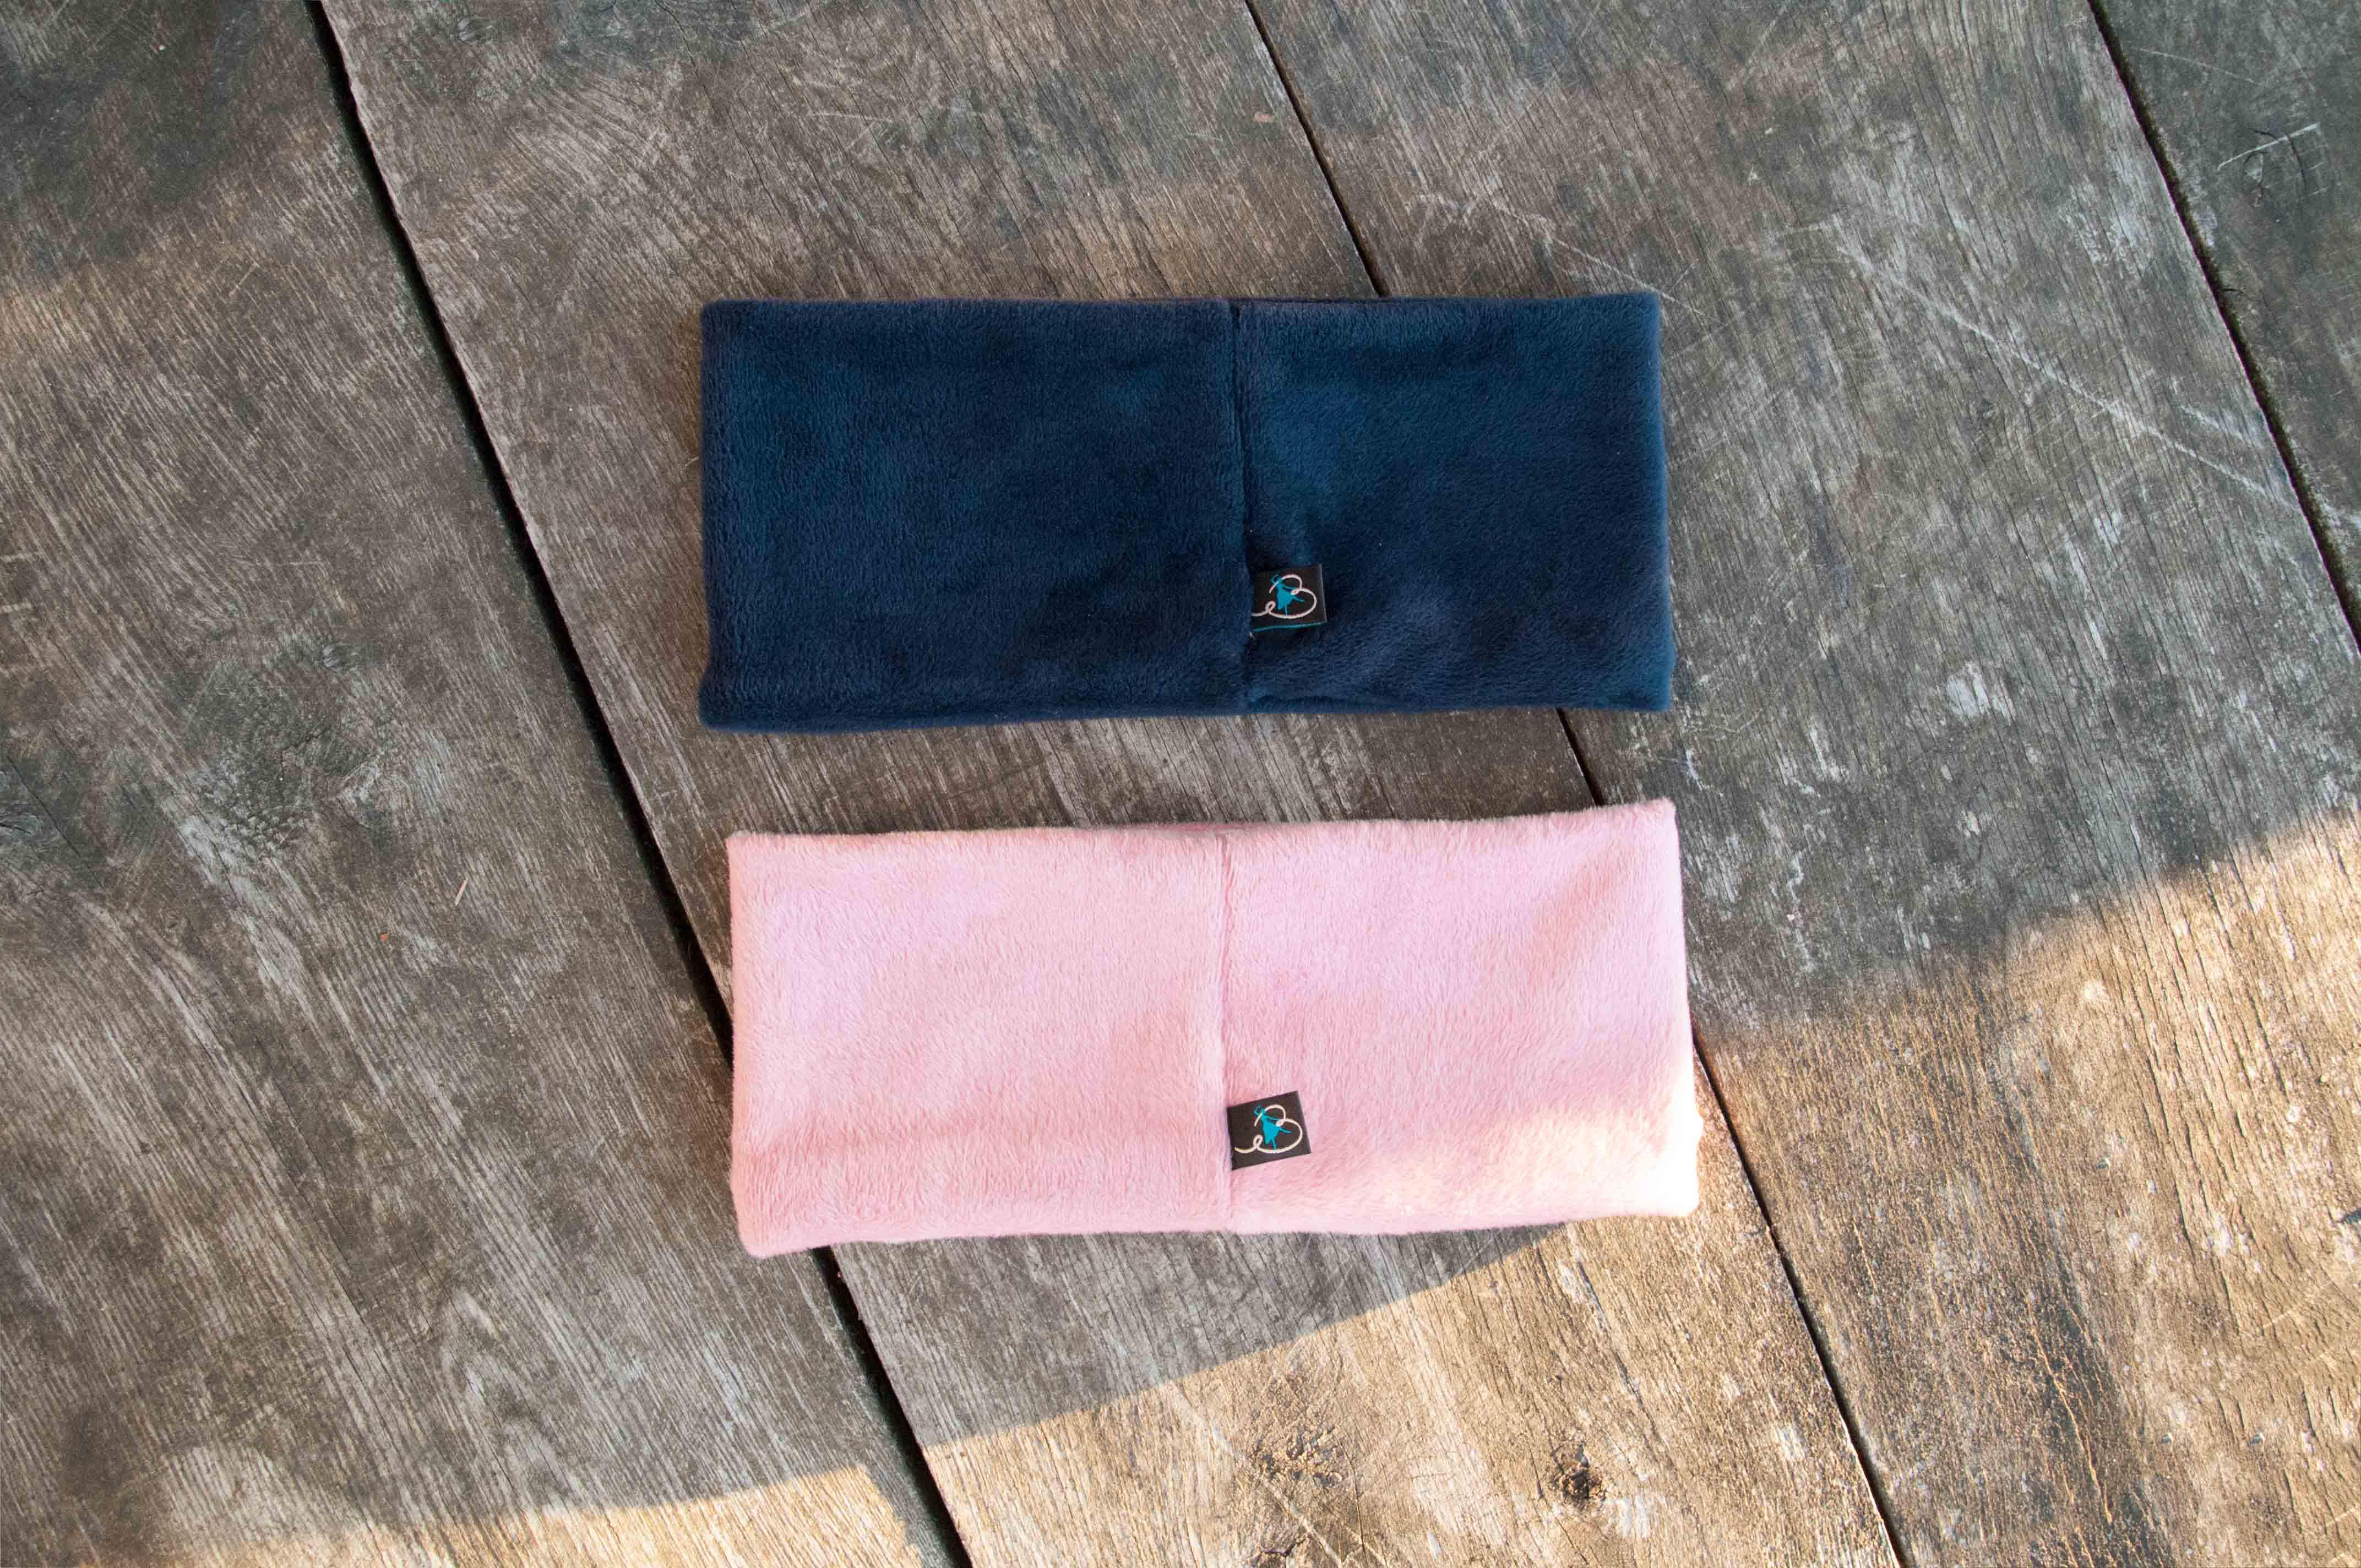 Es gibt den Banderella Traumschal in zwei neuen Farben: Rosa und Dunkelblau